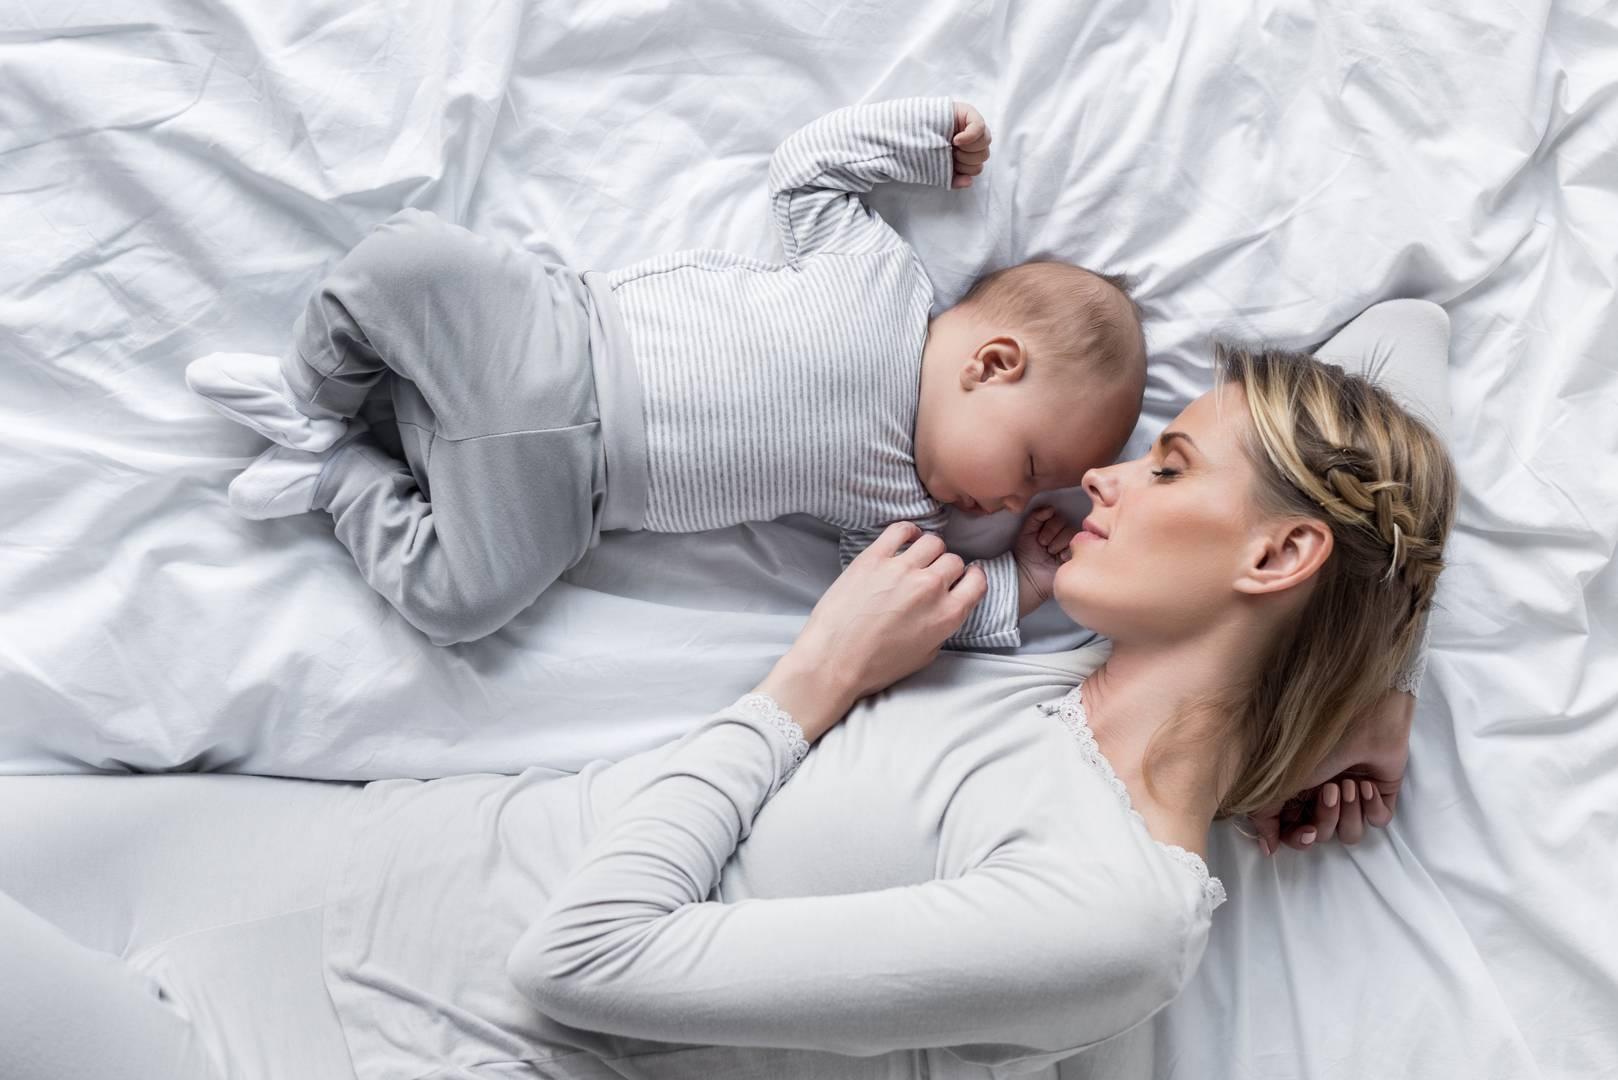 Совместный сон с грудничком: за и против с научным подходом